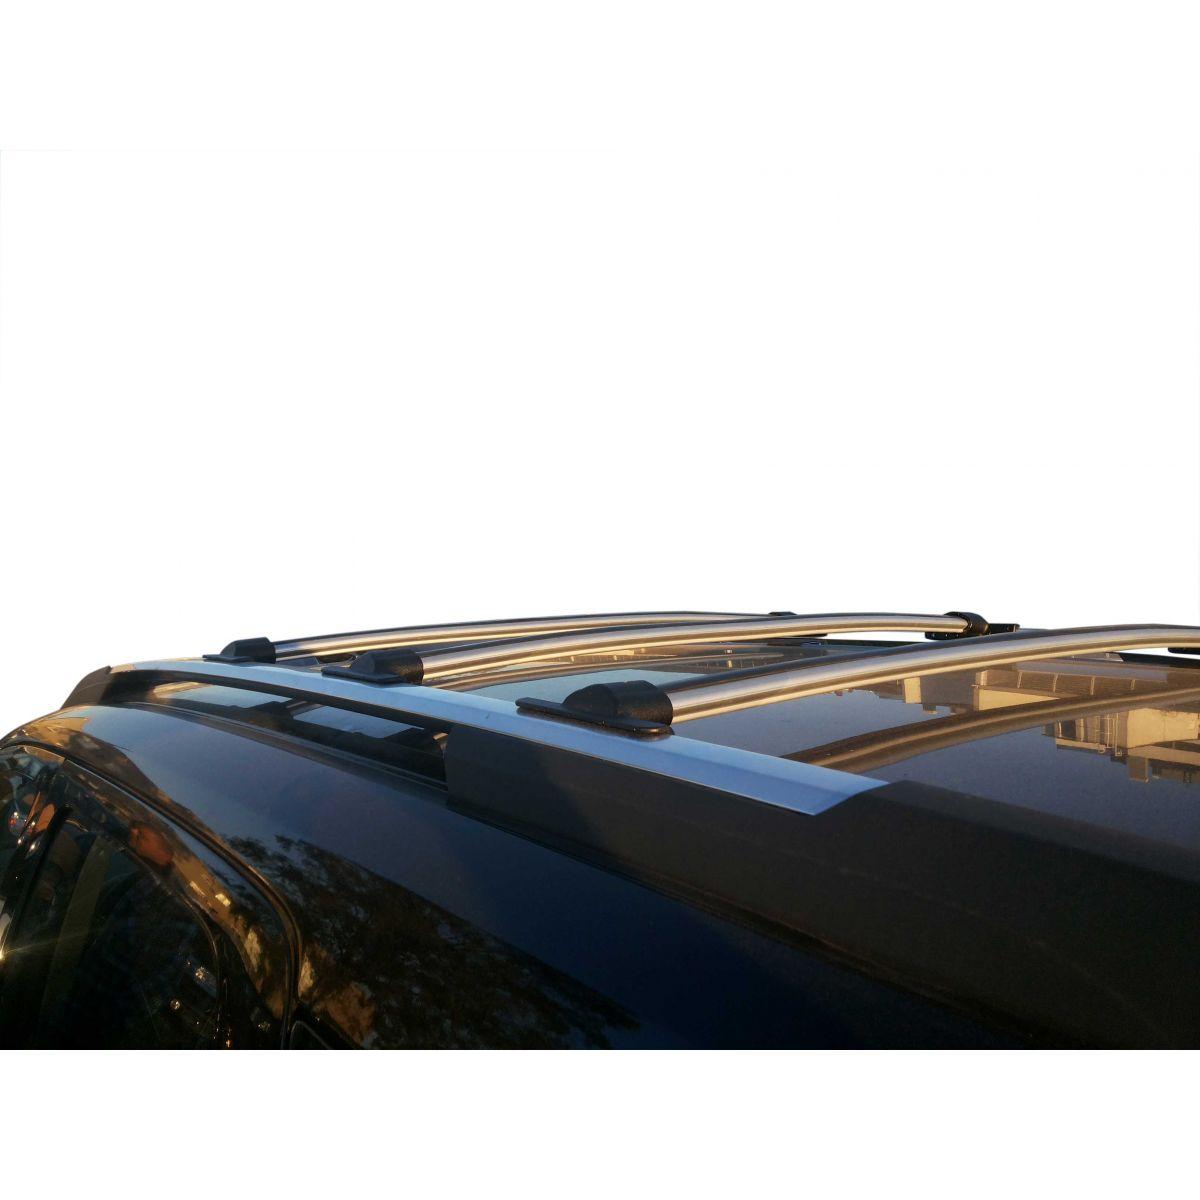 Travessa rack de teto Trailblazer 2013 a 2017 fixação original kit 3 peças